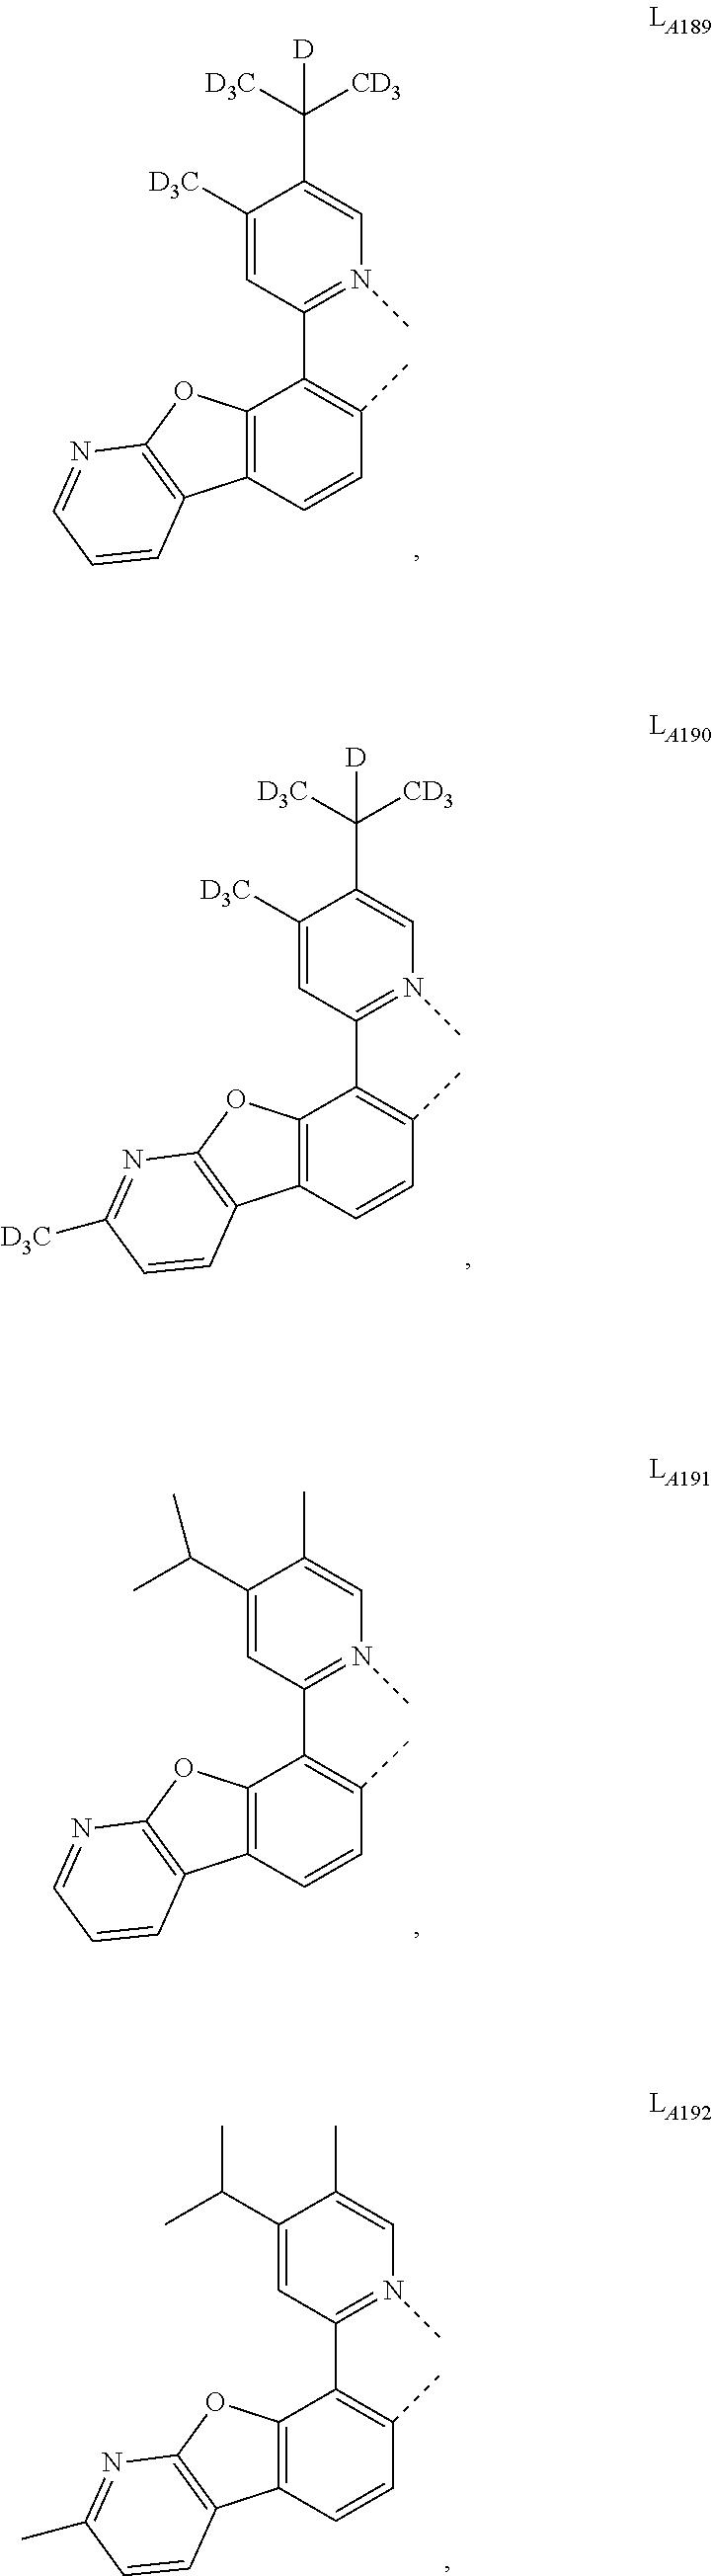 Figure US20160049599A1-20160218-C00052